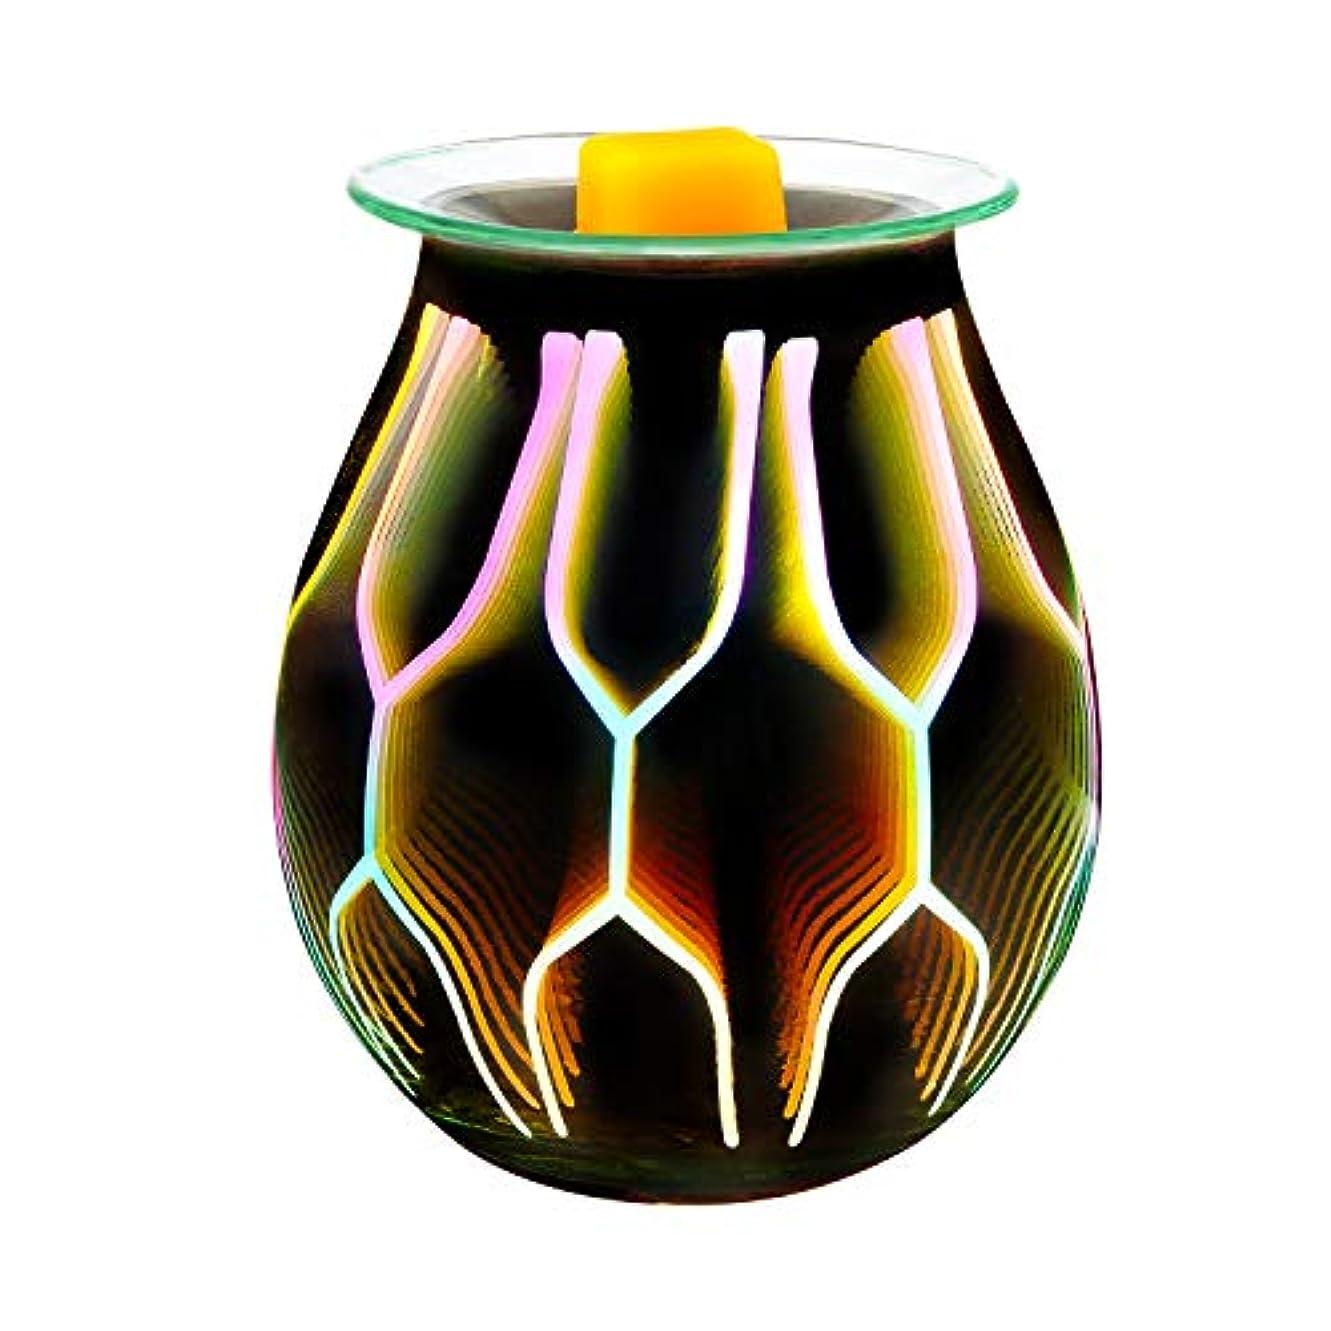 繁殖毎月近代化するCOOSA Electric Oil Warmer、美しいガラスワックスTartスターバーストNight Burnerライトアロマ装飾ランプwith 3d効果ギフトの装飾、パーティー、